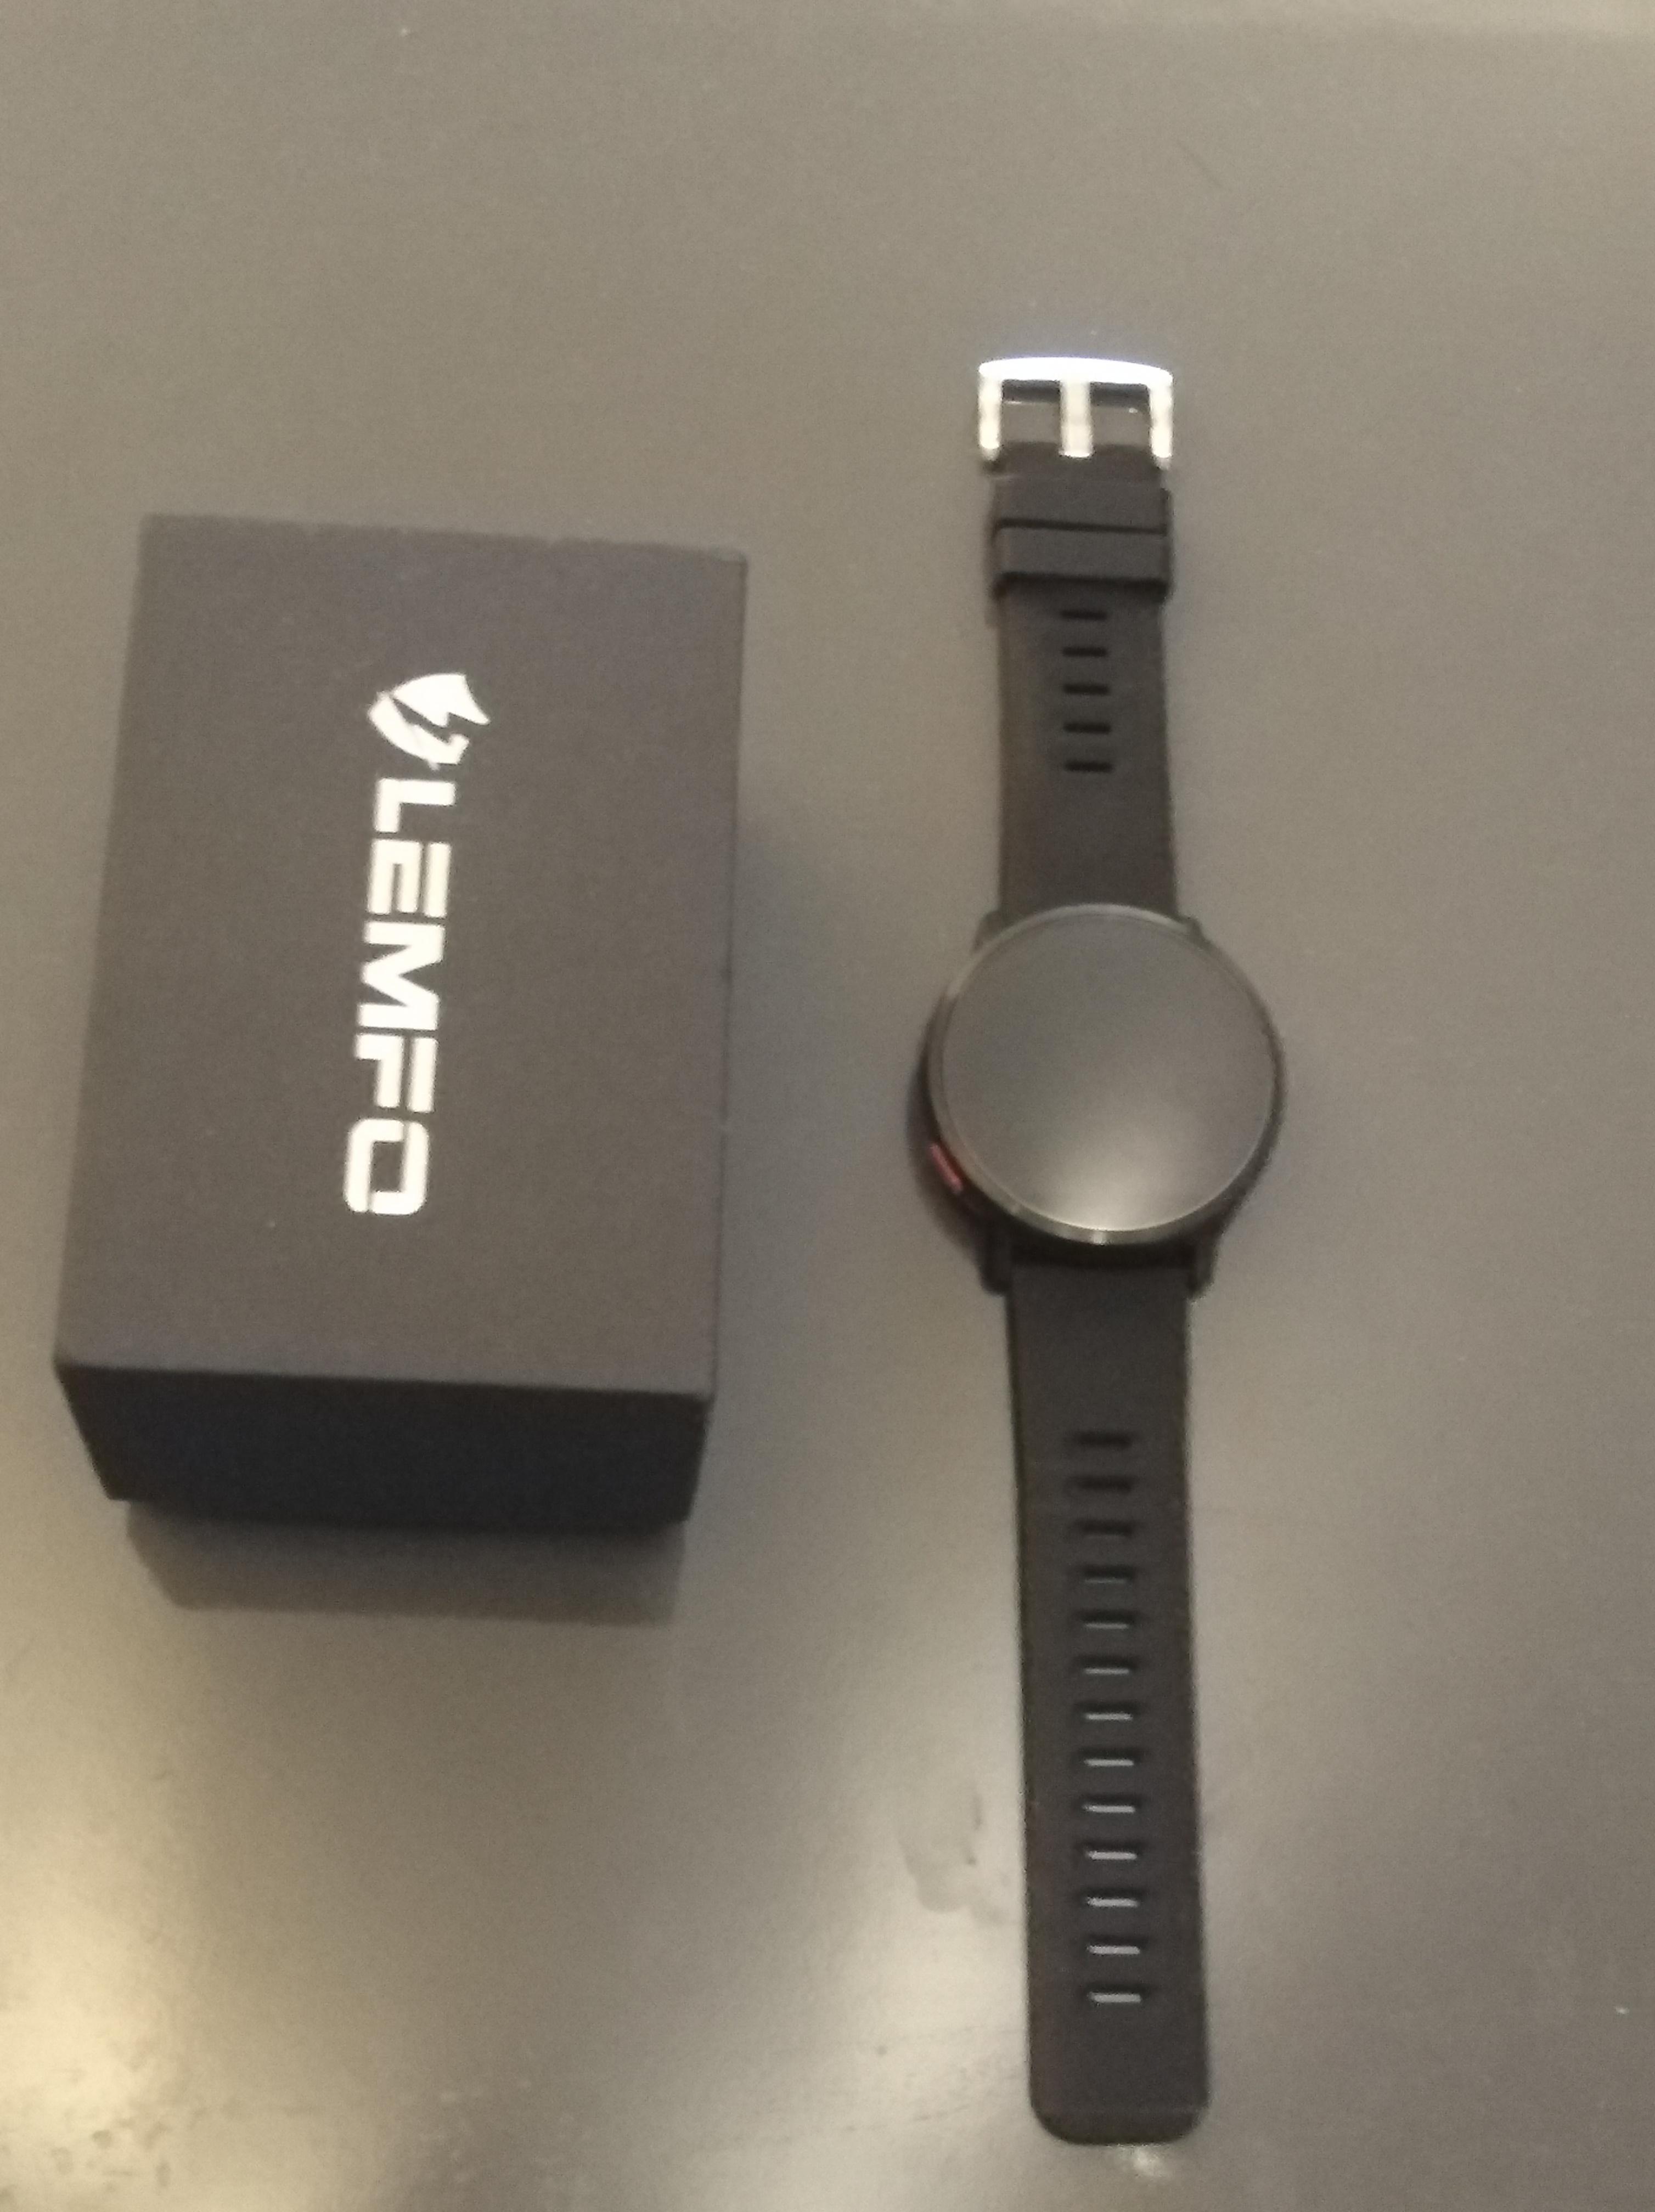 troc de troc smartwatch lemfo lem x 16gb android 7.1 image 0